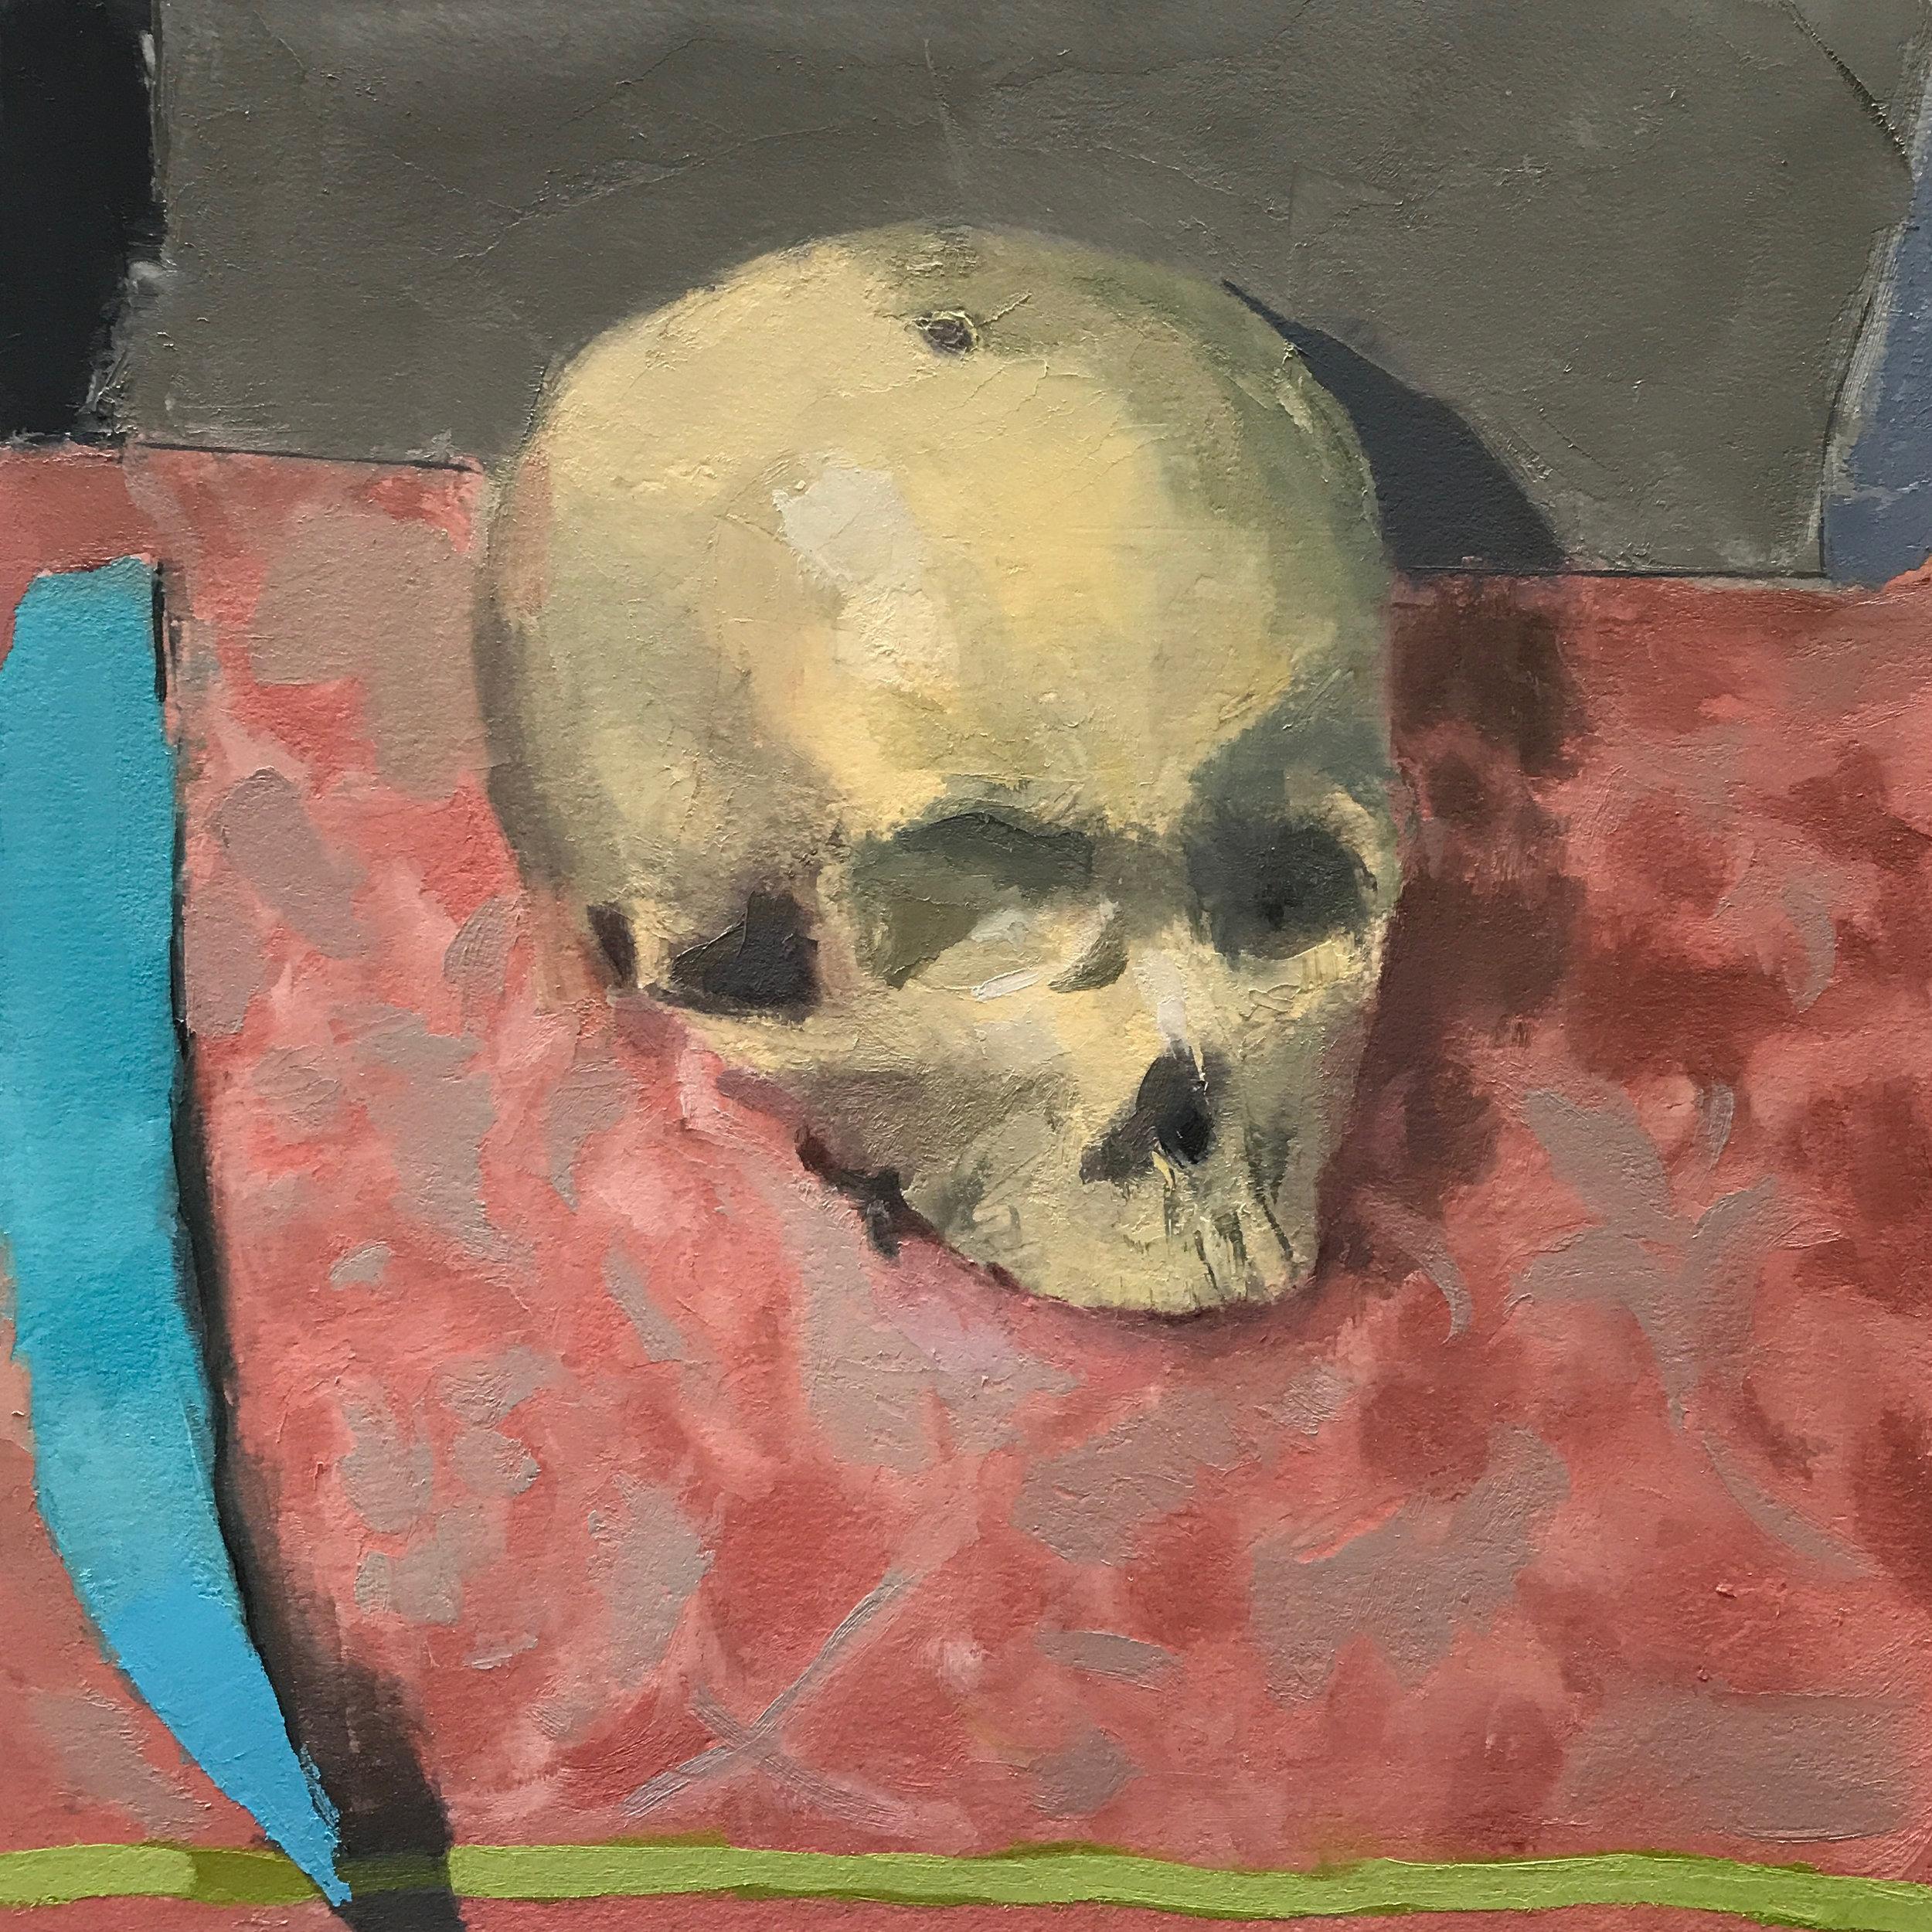 Skull on Tea Towel (alla prima)